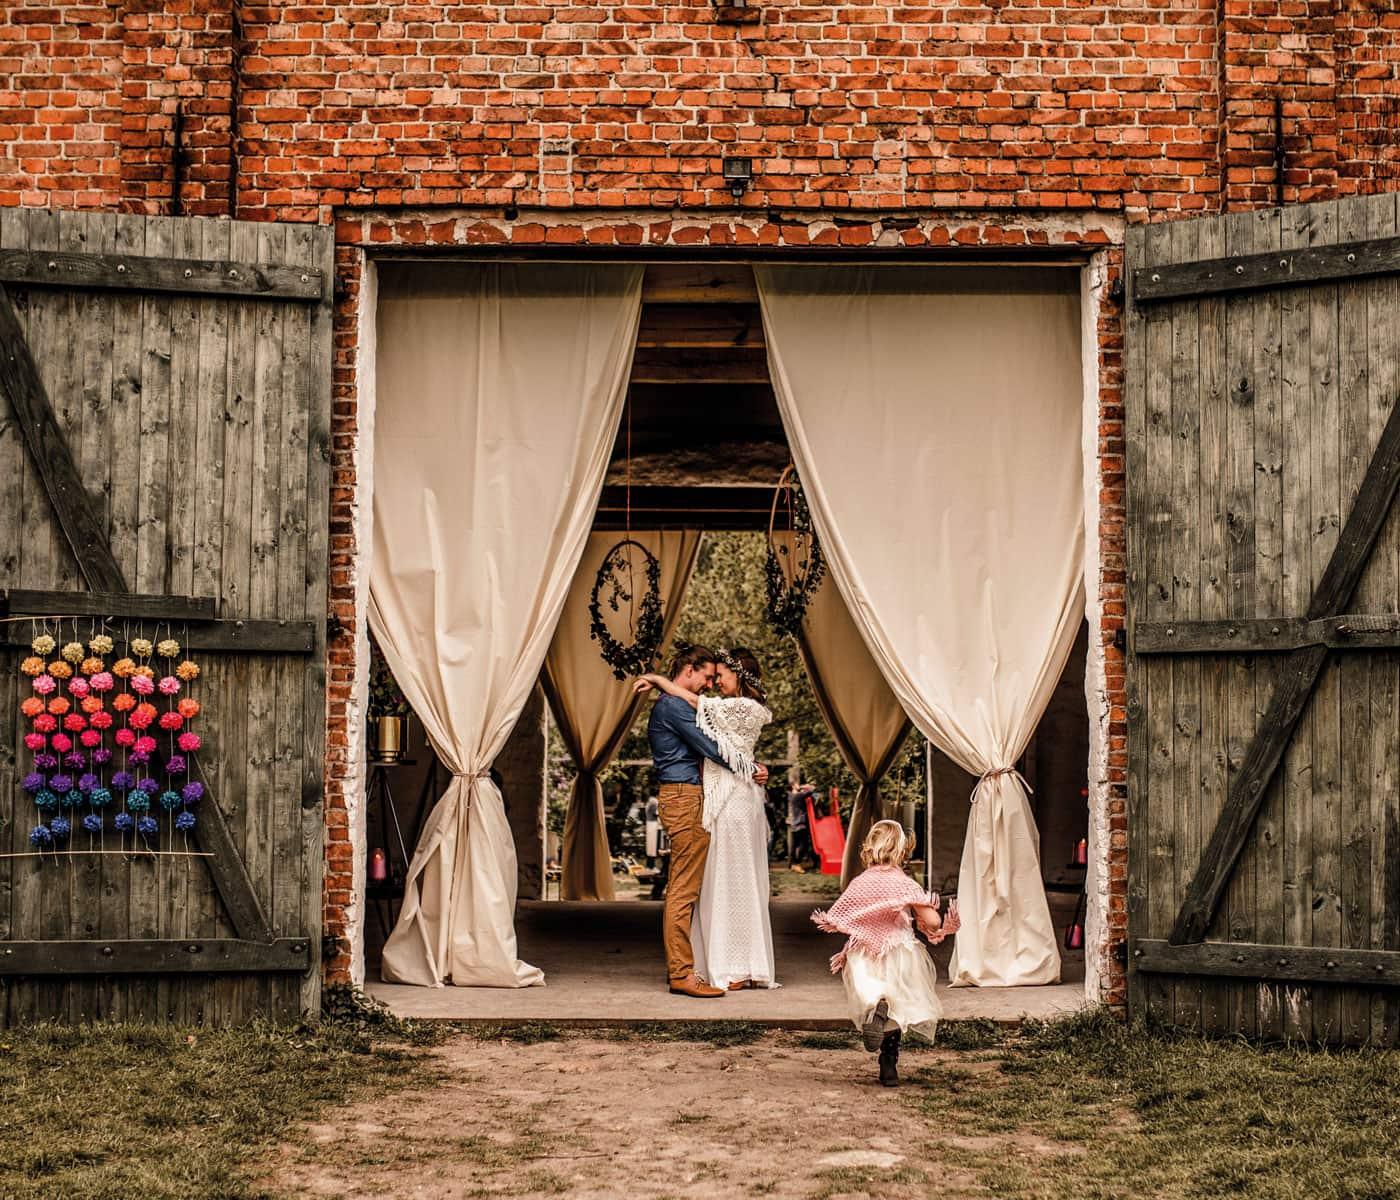 Schöne Orte zum Feiern: Festscheune ZaZa mit Brautpaar // HIMBEER